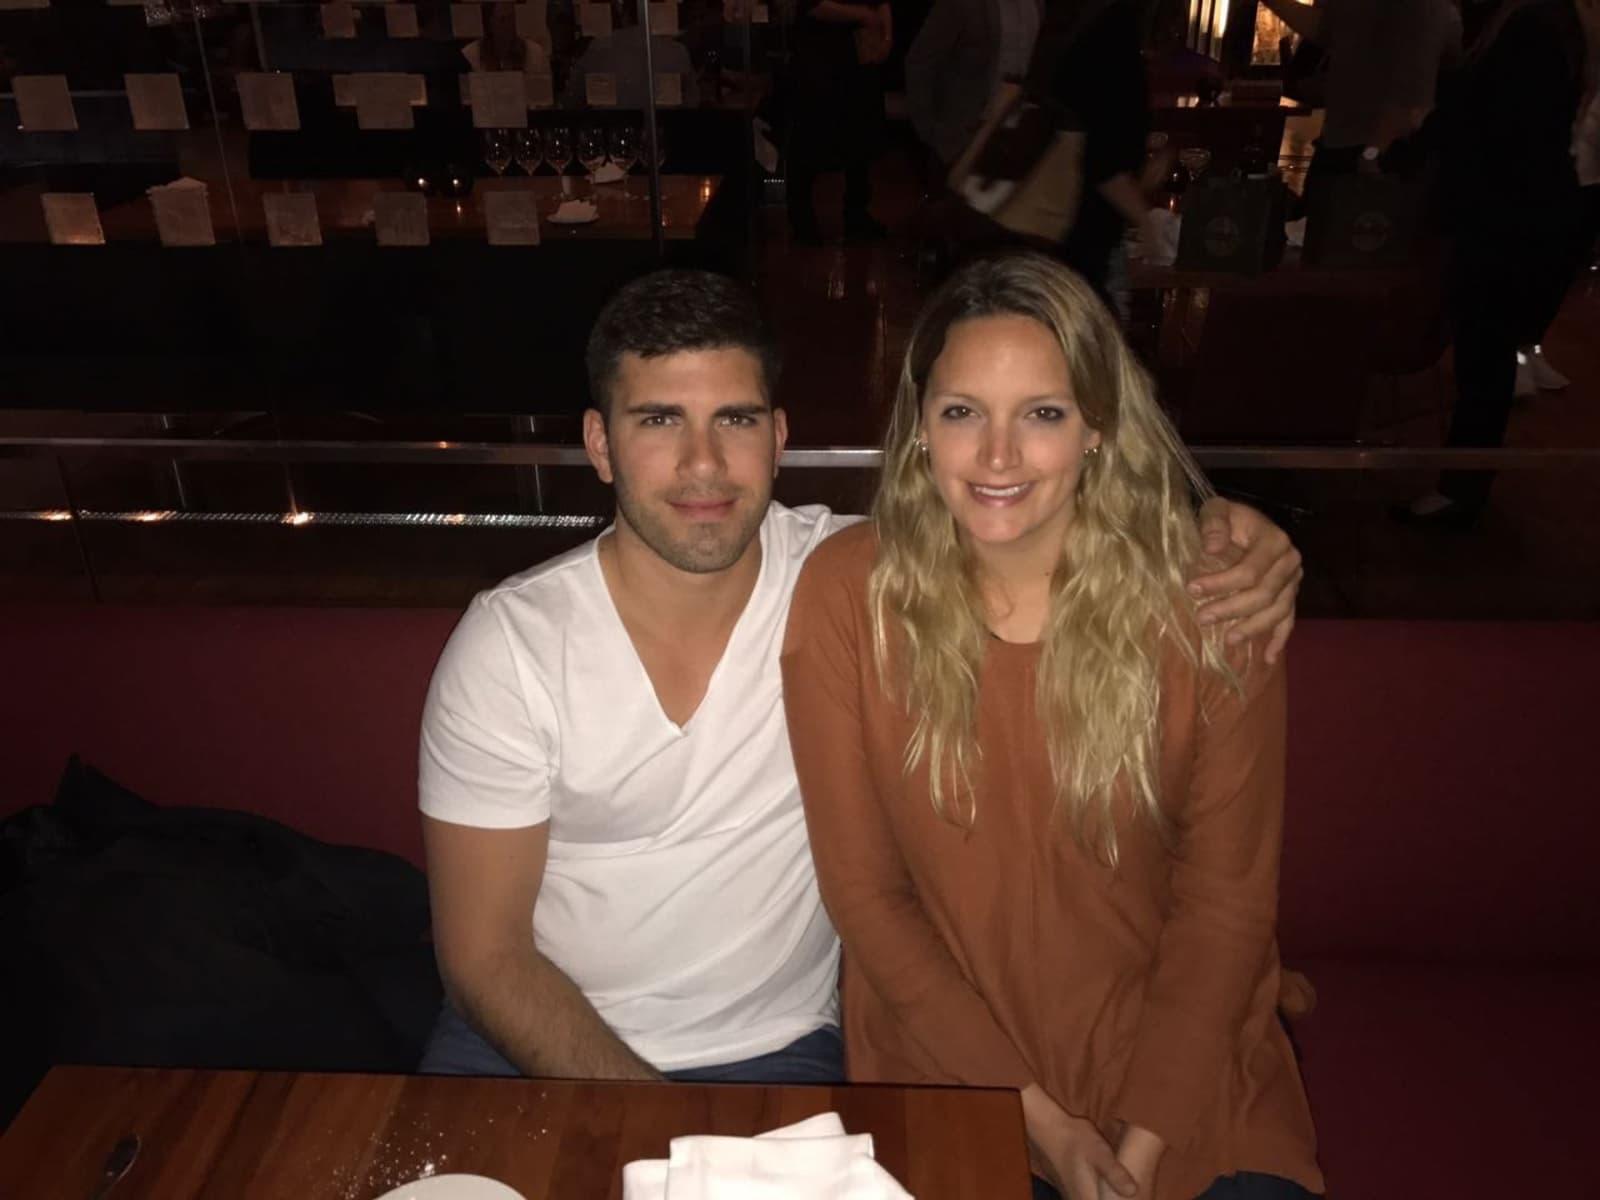 Martin oscar & Carla from Buenos Aires, Argentina